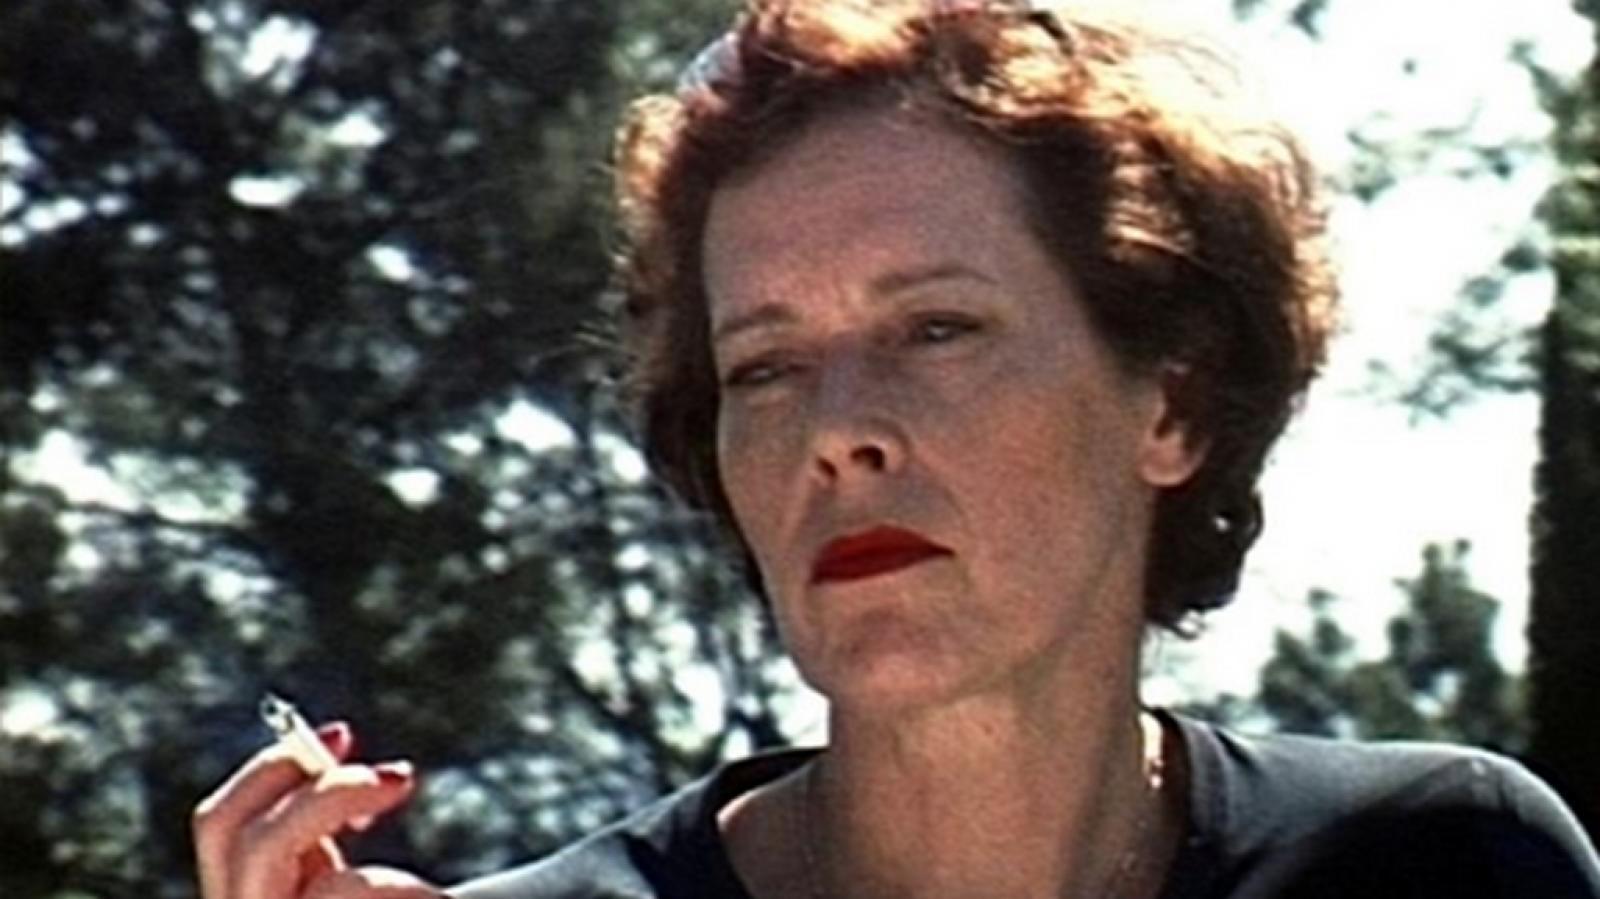 Manon de Boer / Sylvia, 1. a 2. března 2001, Hollywood Hills, super-8 zvětšený na 16mm film, 2002